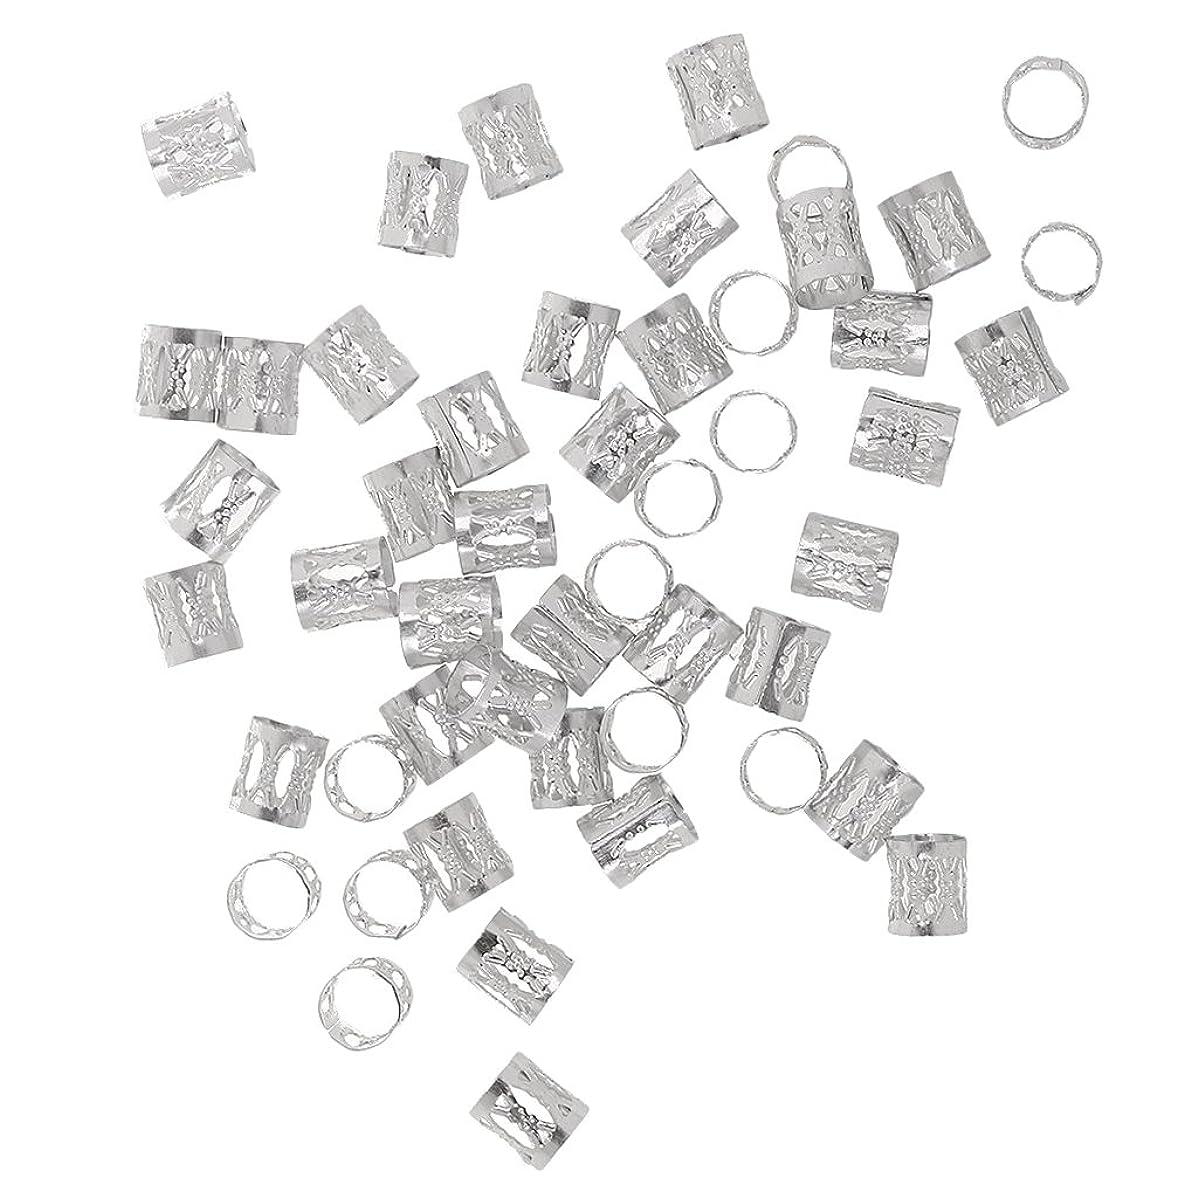 重要ラバ護衛Homyl 約50個 ヘアアクセサリー 三つ編み カフス 調整可能 ヘアエクステンション ドレッドロックス リング 全7色 - 銀